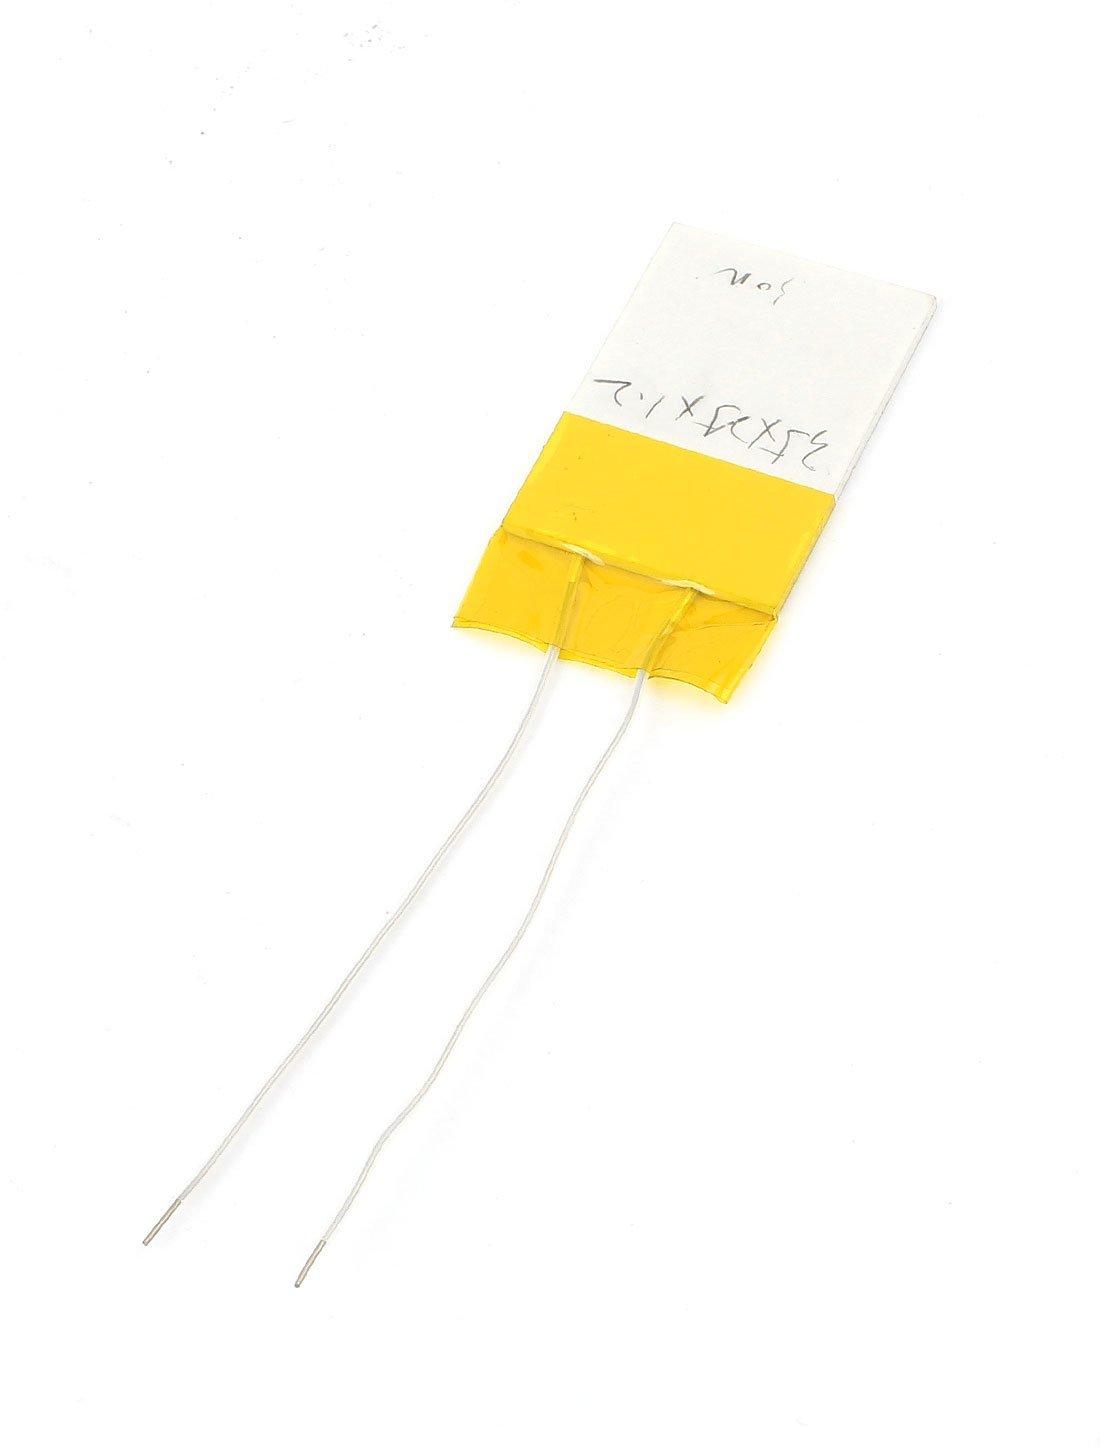 24/V 300/C MCH de metal placa de calefacci/ón cer/ámica 35/mm x 25/mm x 1.2/mm